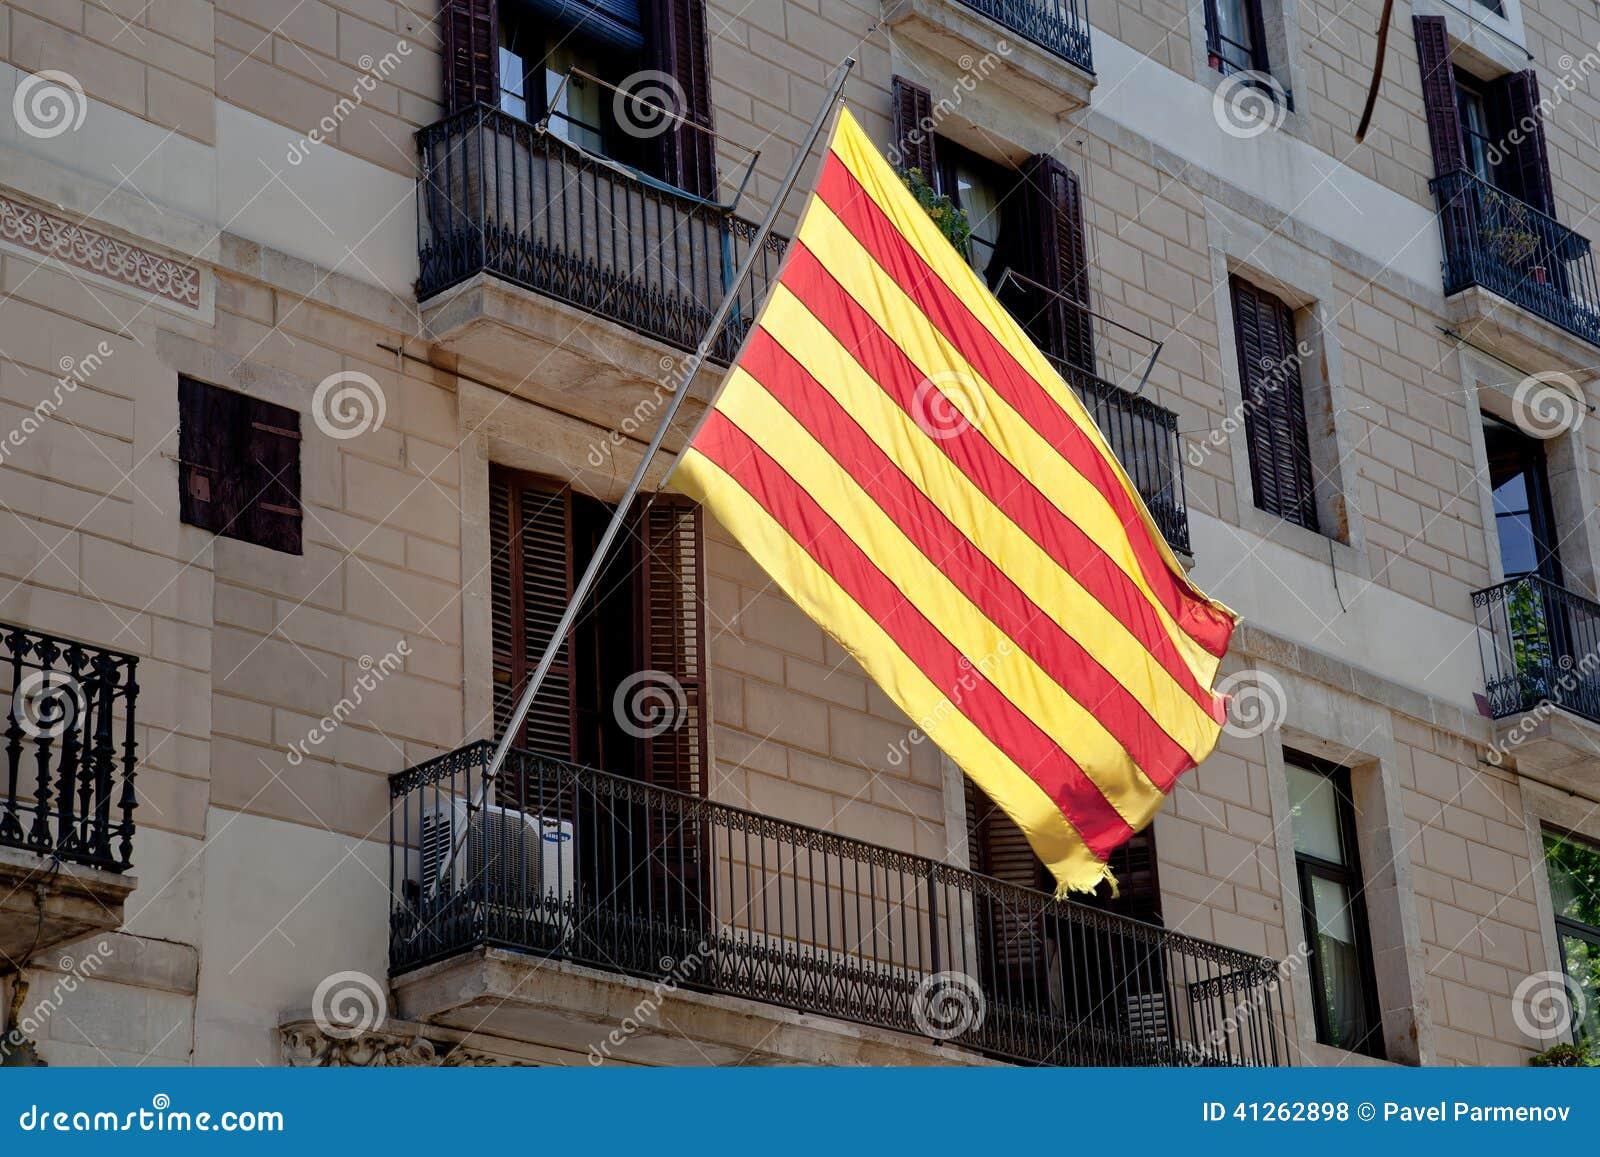 Gorod Barselona Flag Katalonii Redakcionnoe Stokovoe Foto Izobrazhenie Naschityvayushej Shtat Barbering 41262898